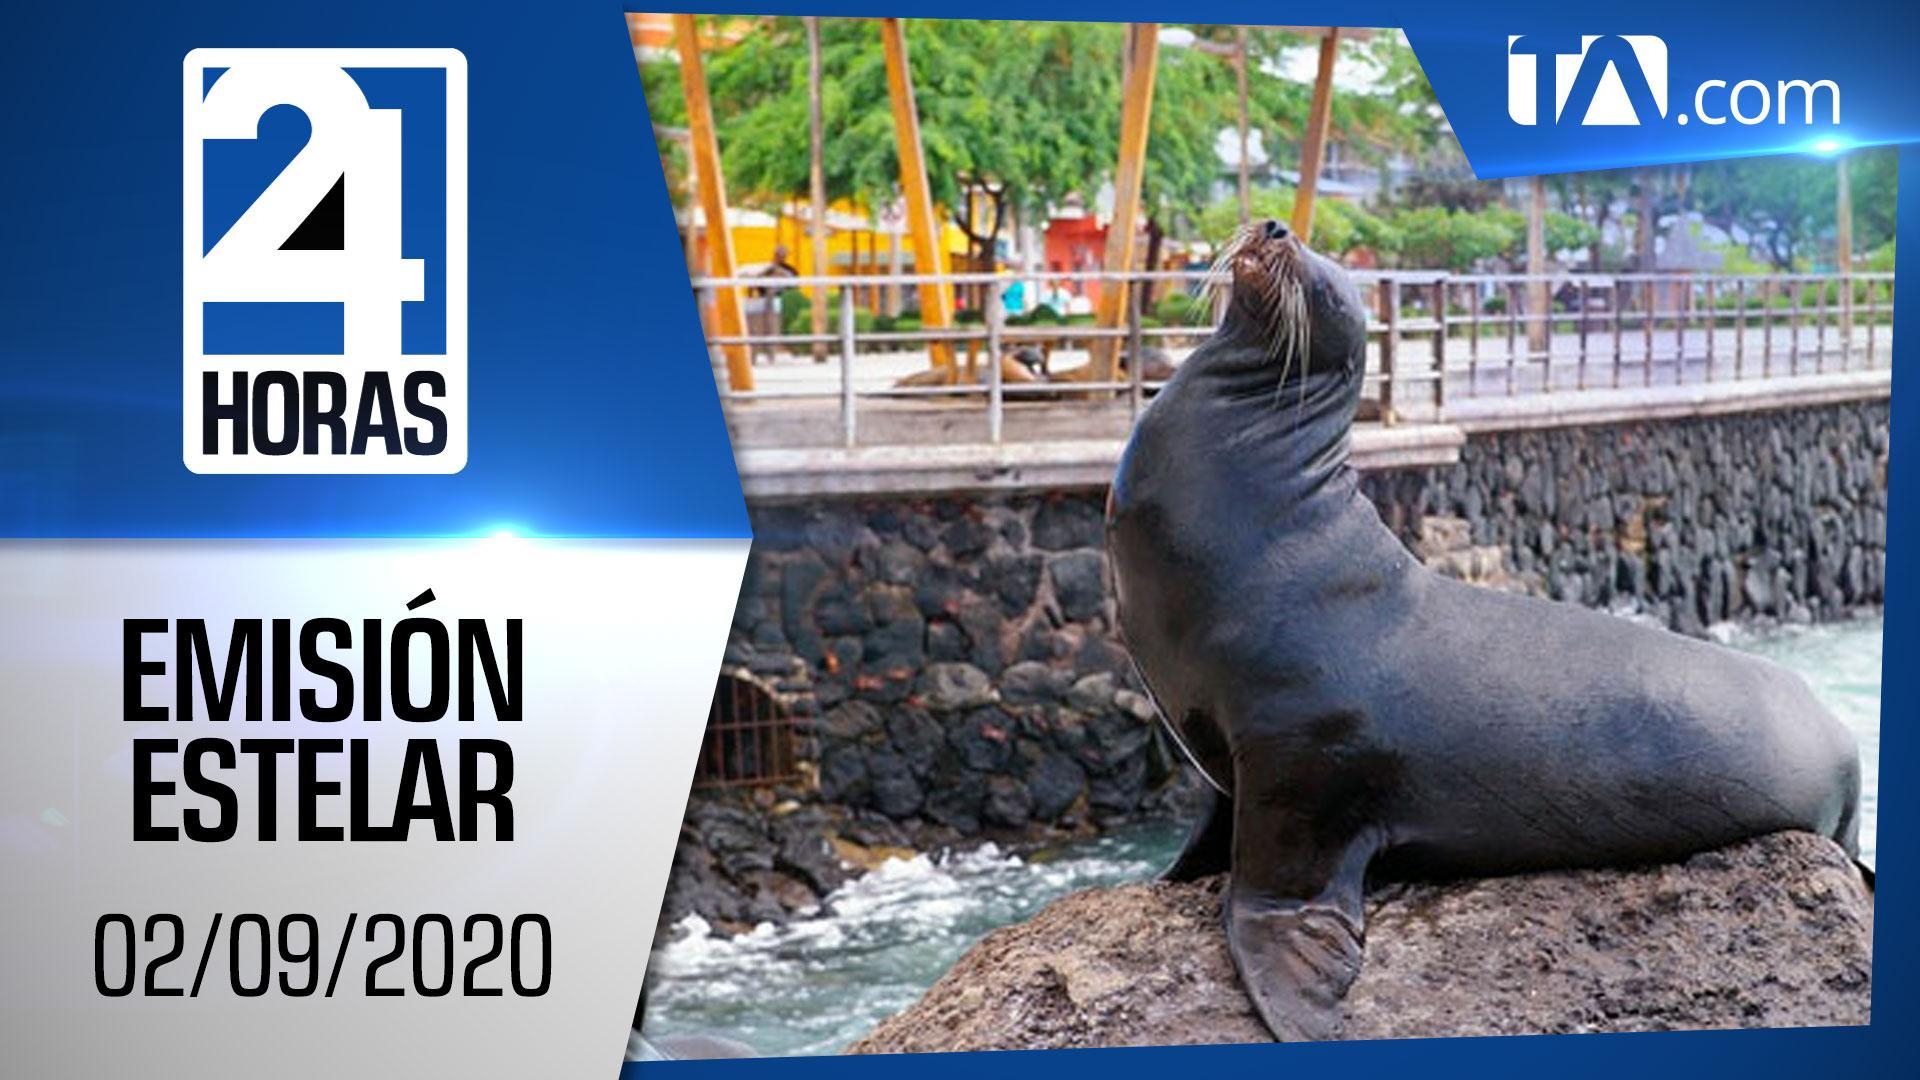 Noticias Ecuador: Noticiero 24 Horas, 02/09/2020 (Emisión Estelar)